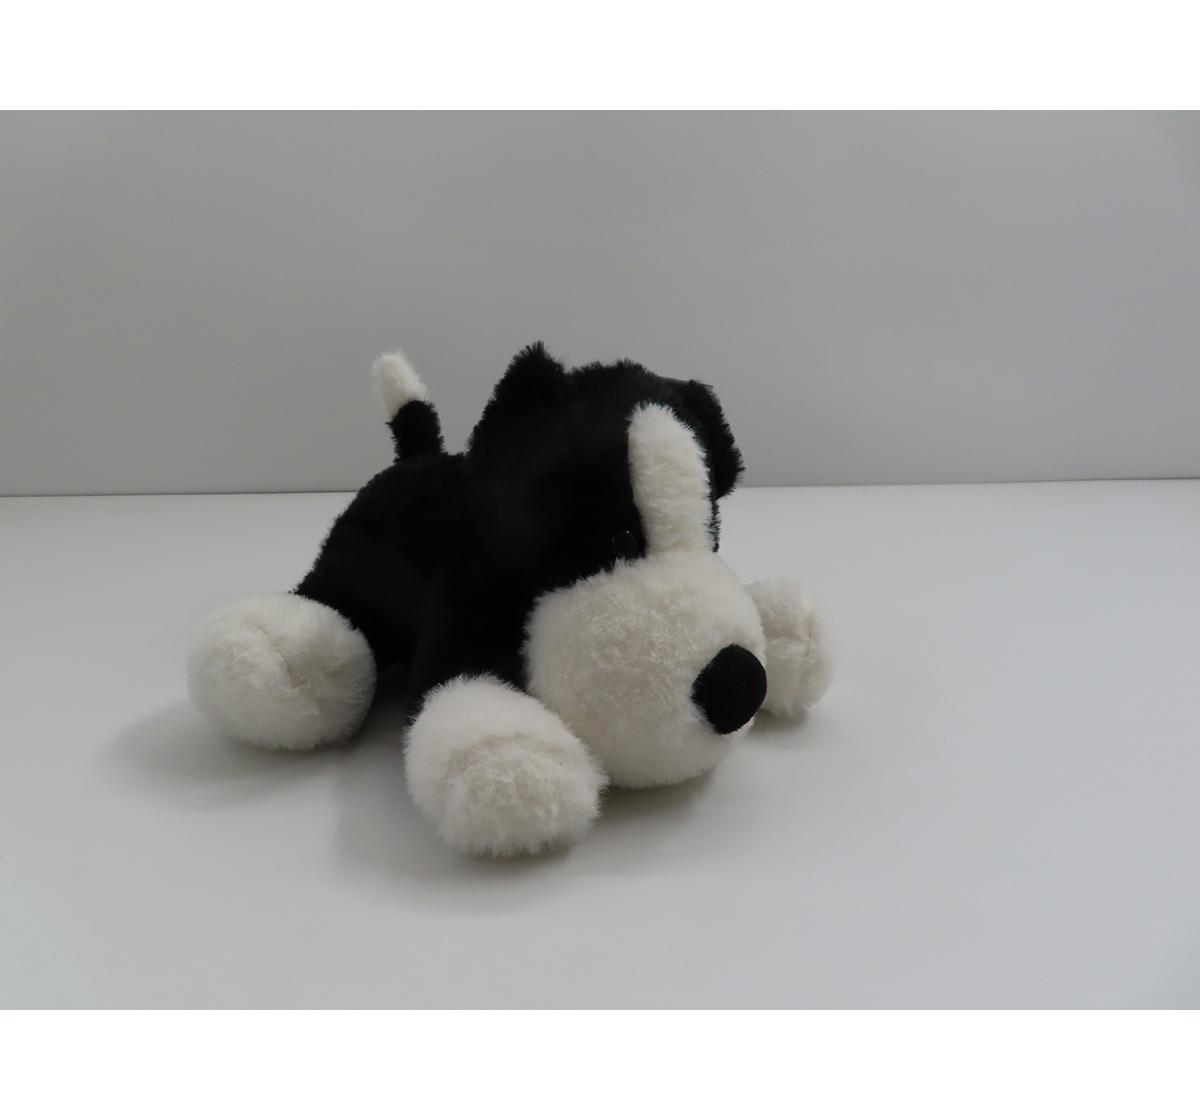 Fuzzbuzz | Fuzzbuzz Soft Lying Dog - Black - 33Cm Quirky Soft Toys for Kids age 0M+ - 15 Cm (Black)